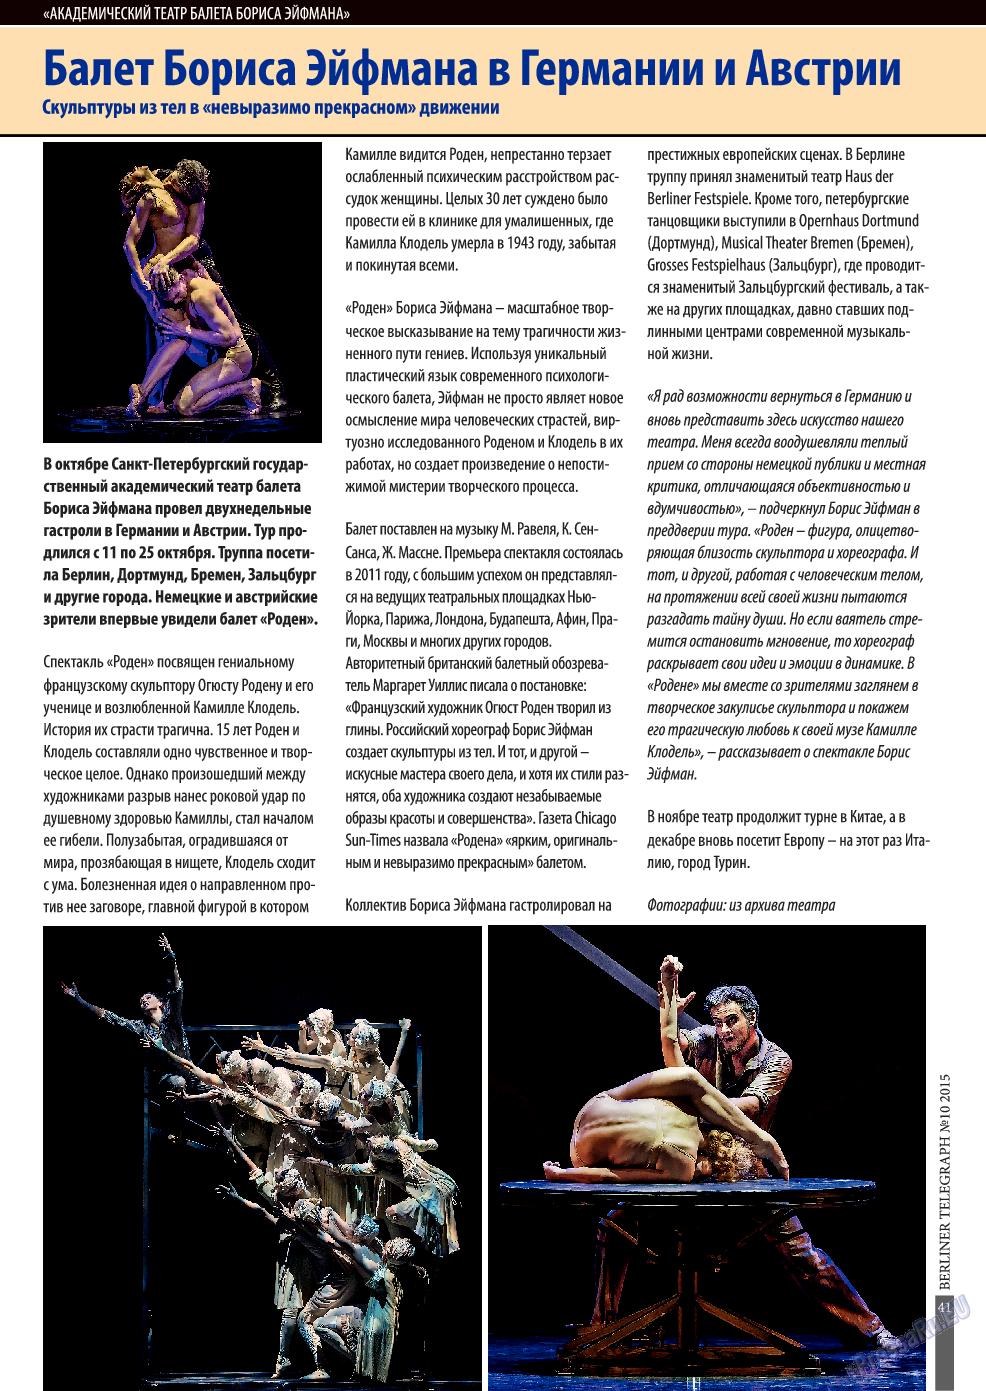 Берлинский телеграф (журнал). 2015 год, номер 11, стр. 41